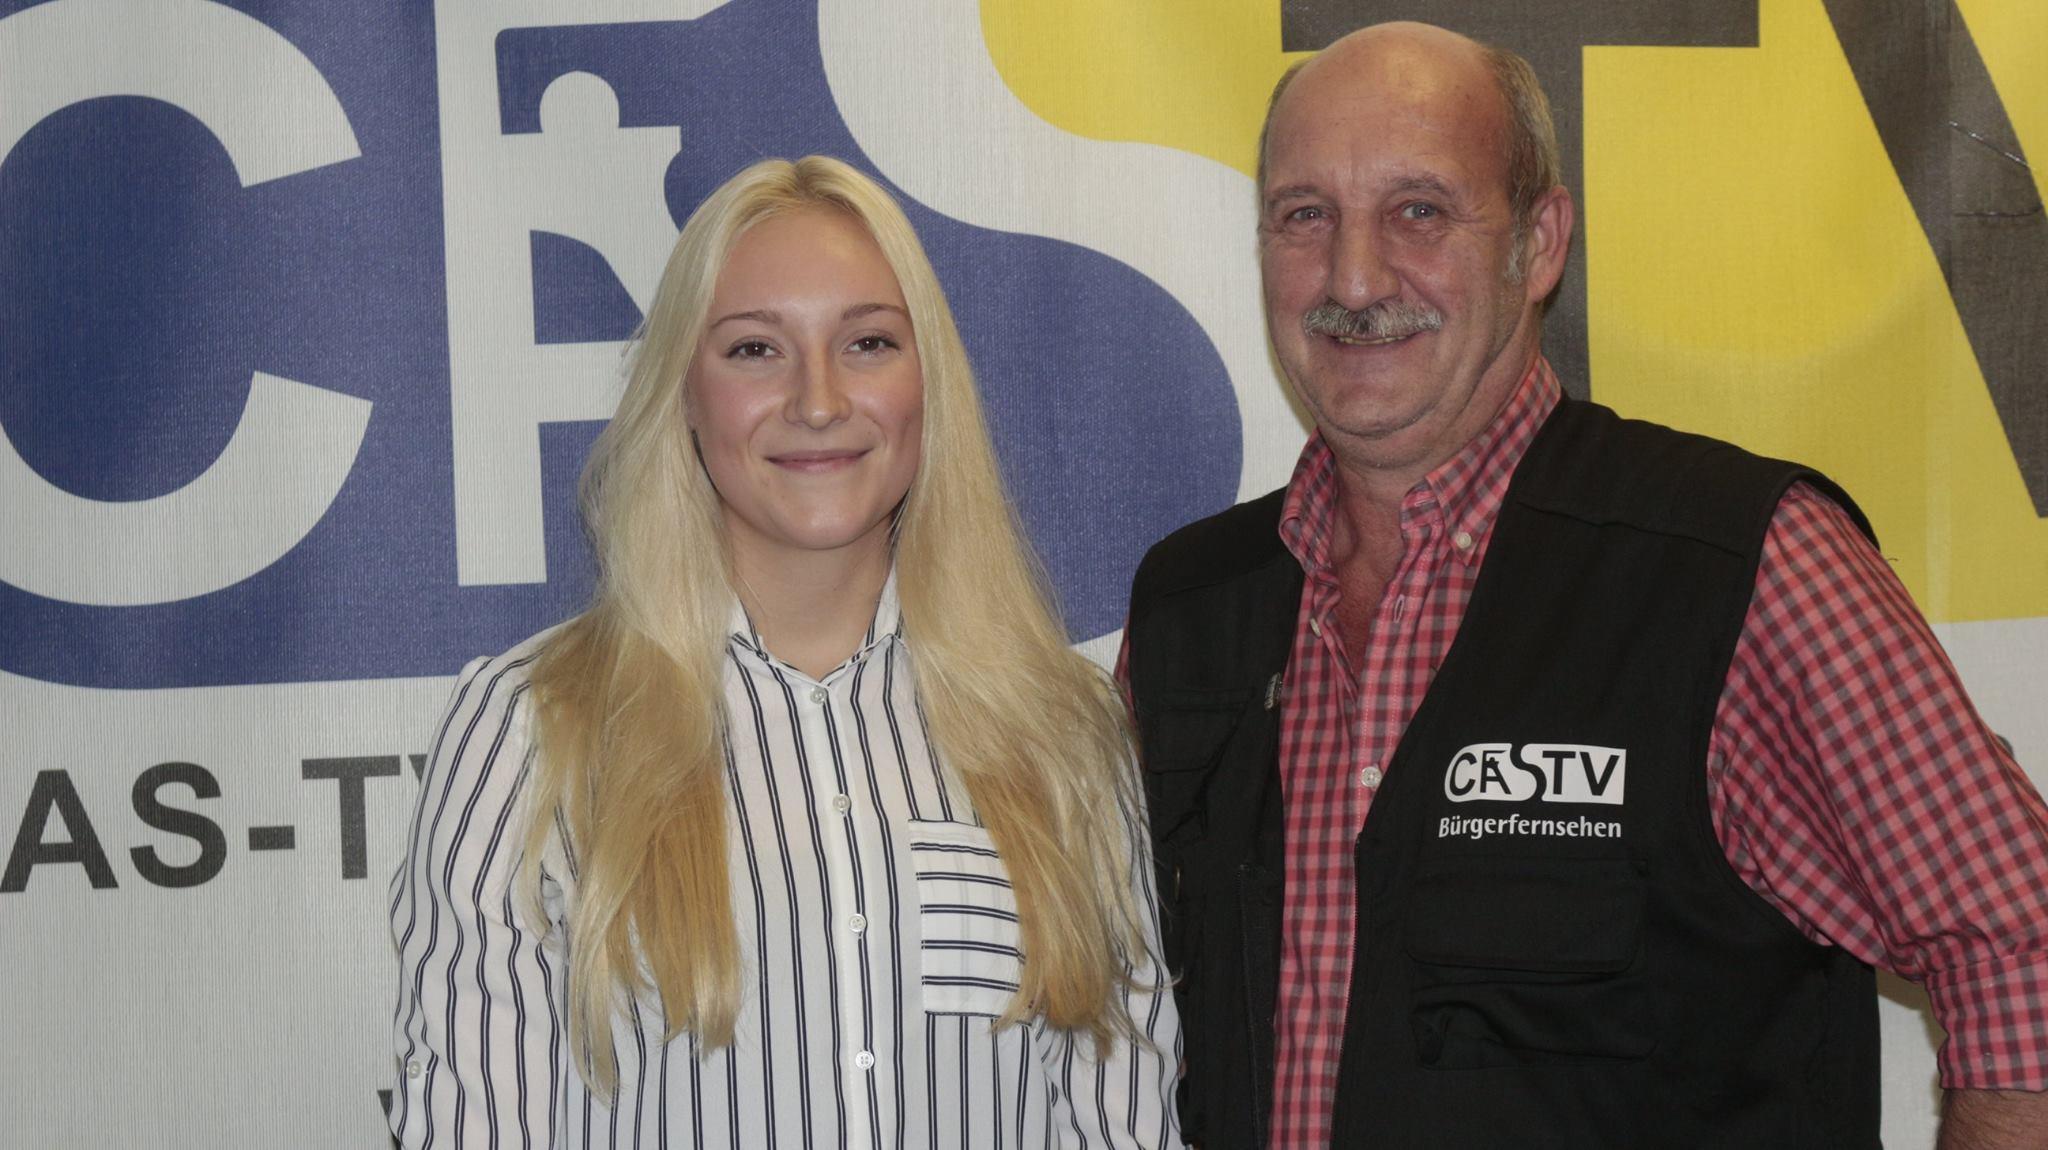 Annika Gil Interview vor ihrem Auftritt im ZDF aktuellen Sportstudio